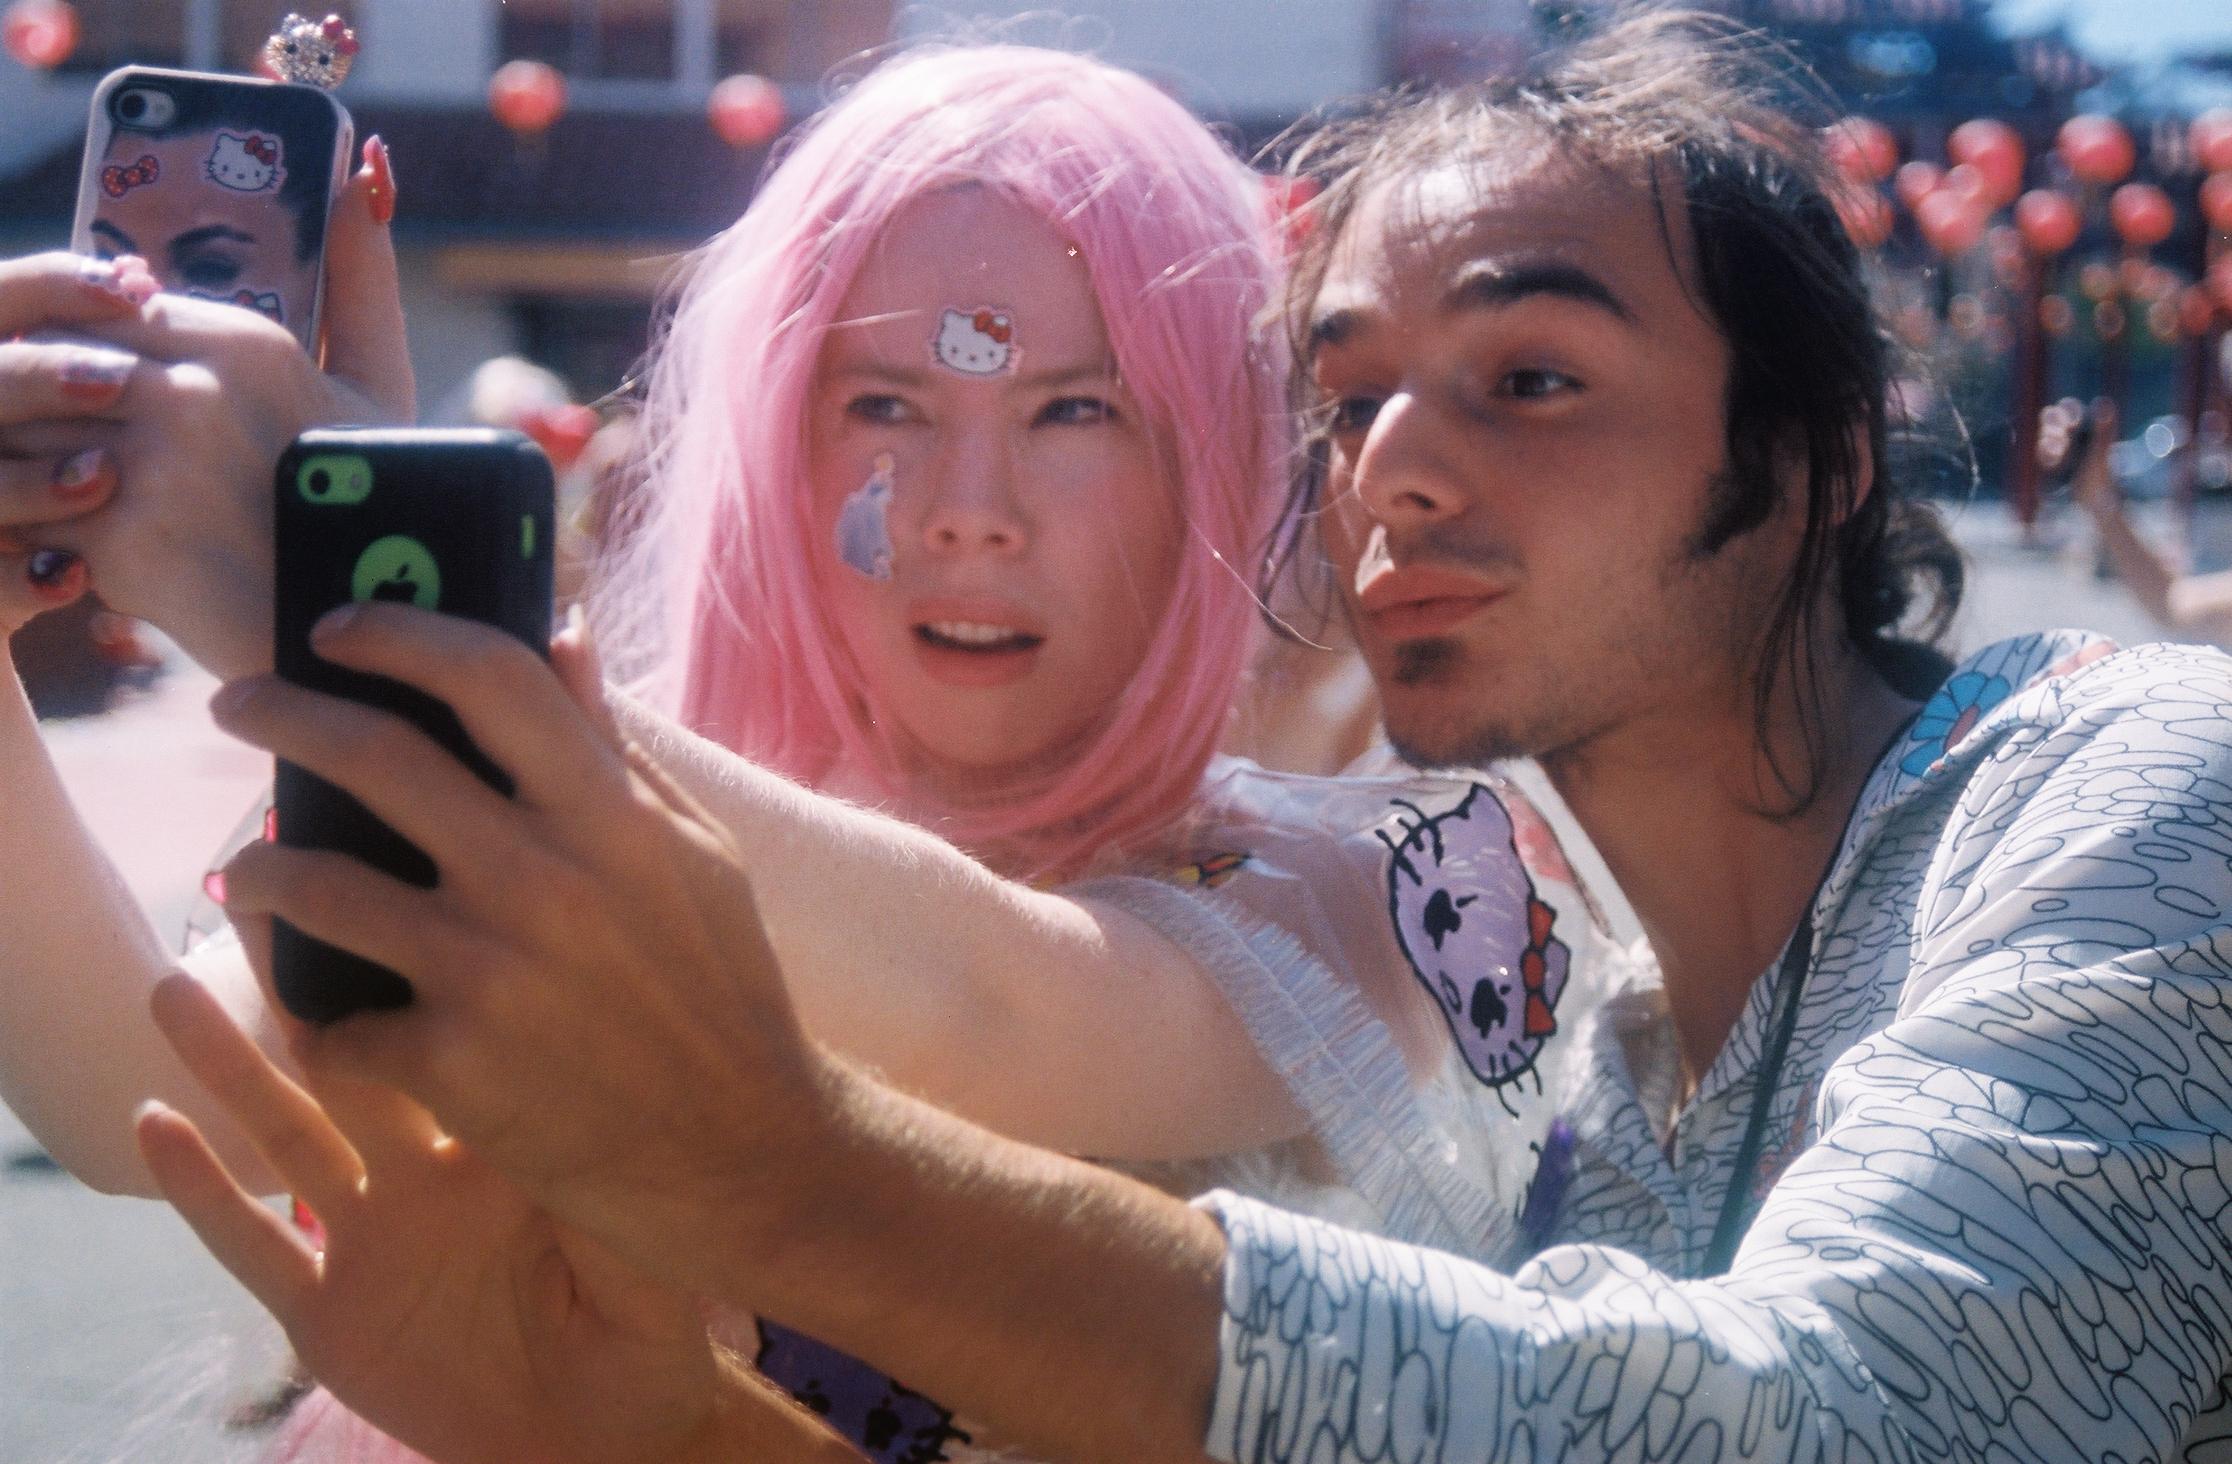 Hello Selfie, photo documentation by Jessie Askinazi